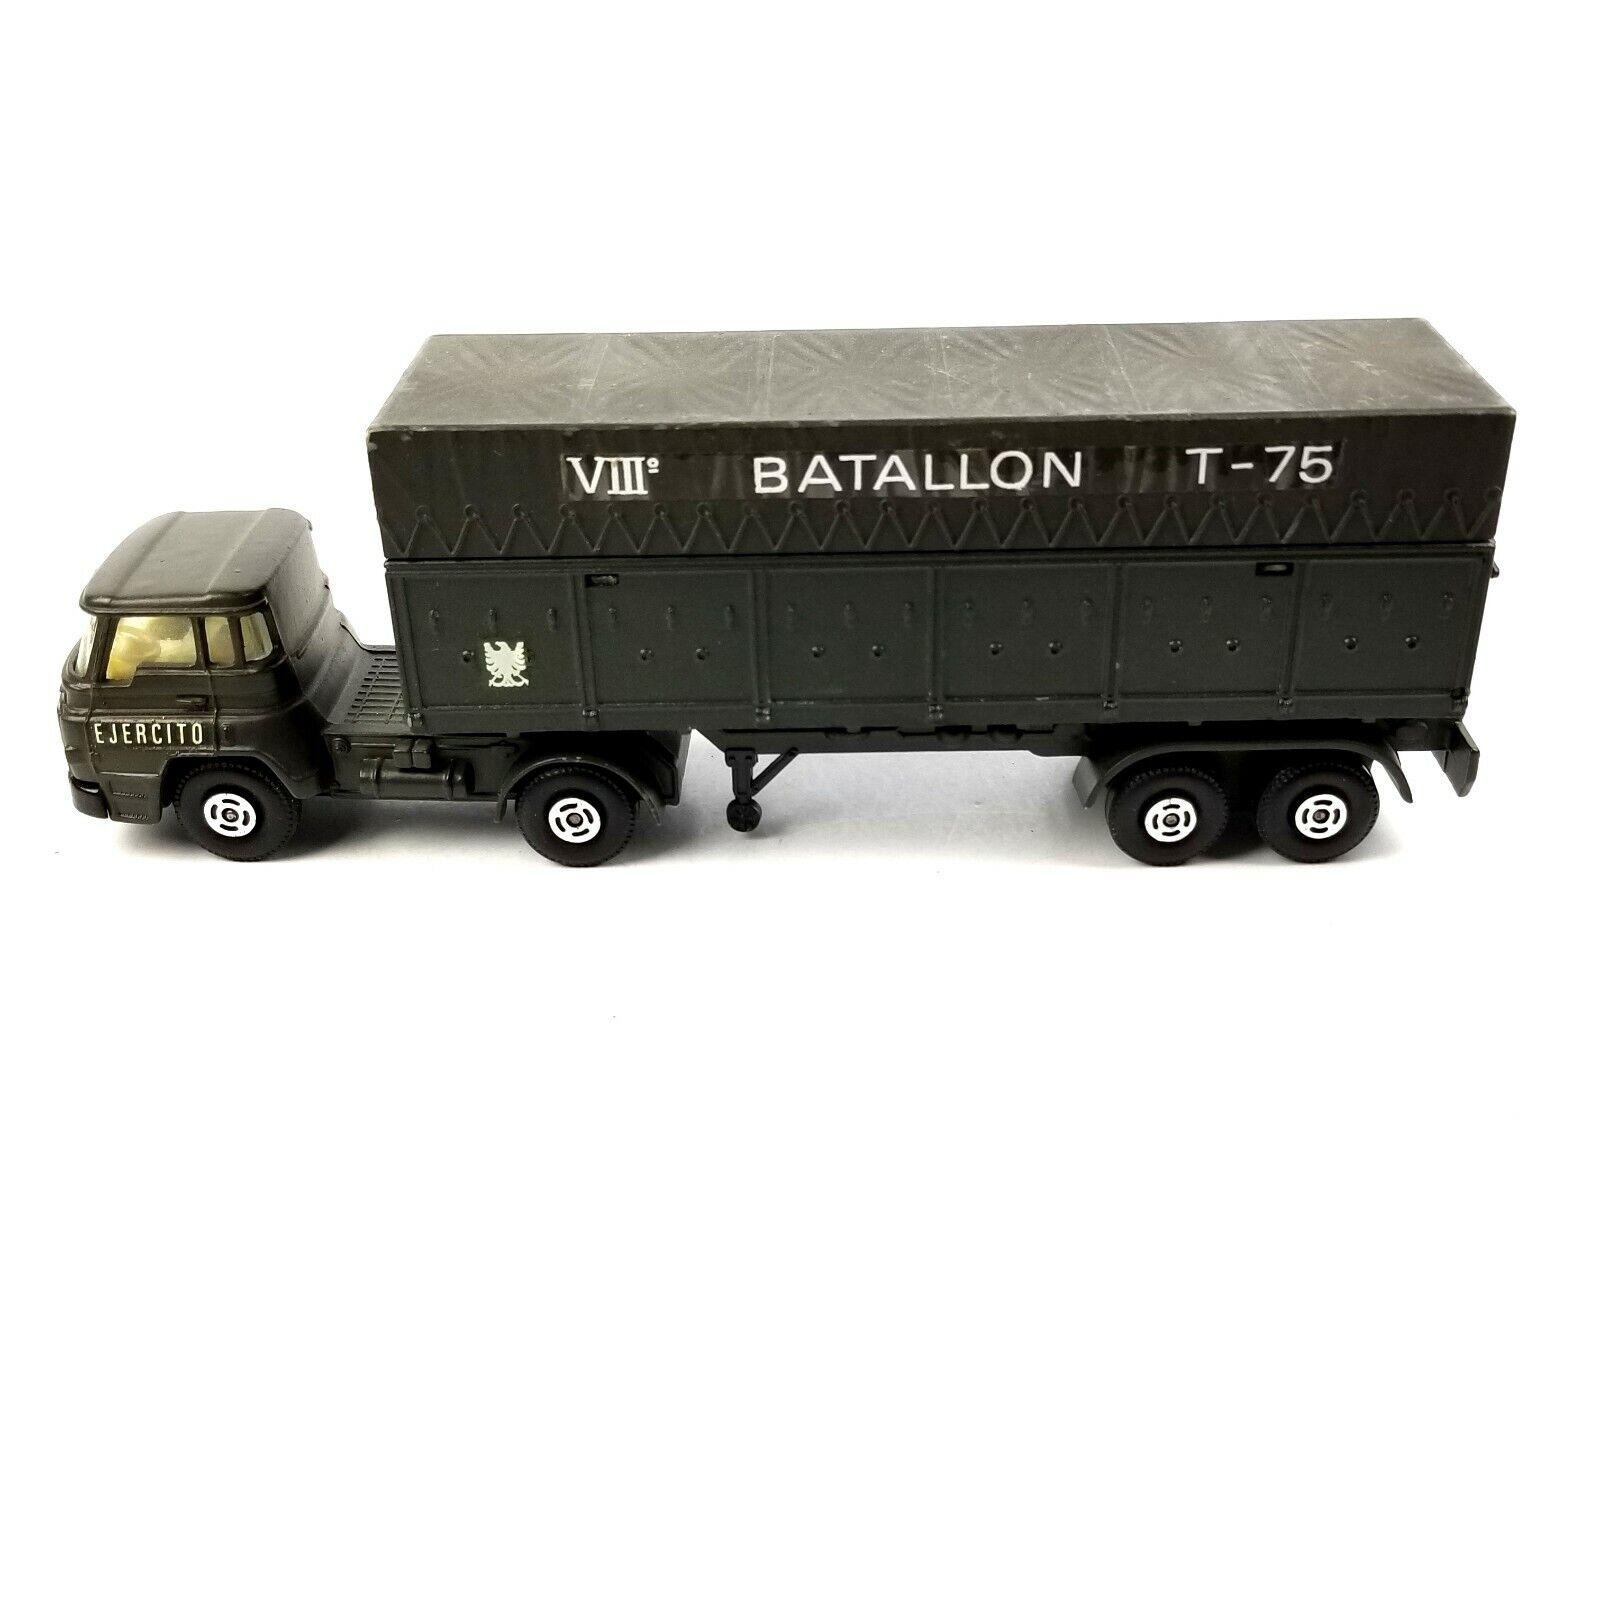 clásico atemporal Guiloy Barreiros España expagne Metal Escala 1 66 camión militar militar militar Canon Camion  Obtén lo ultimo